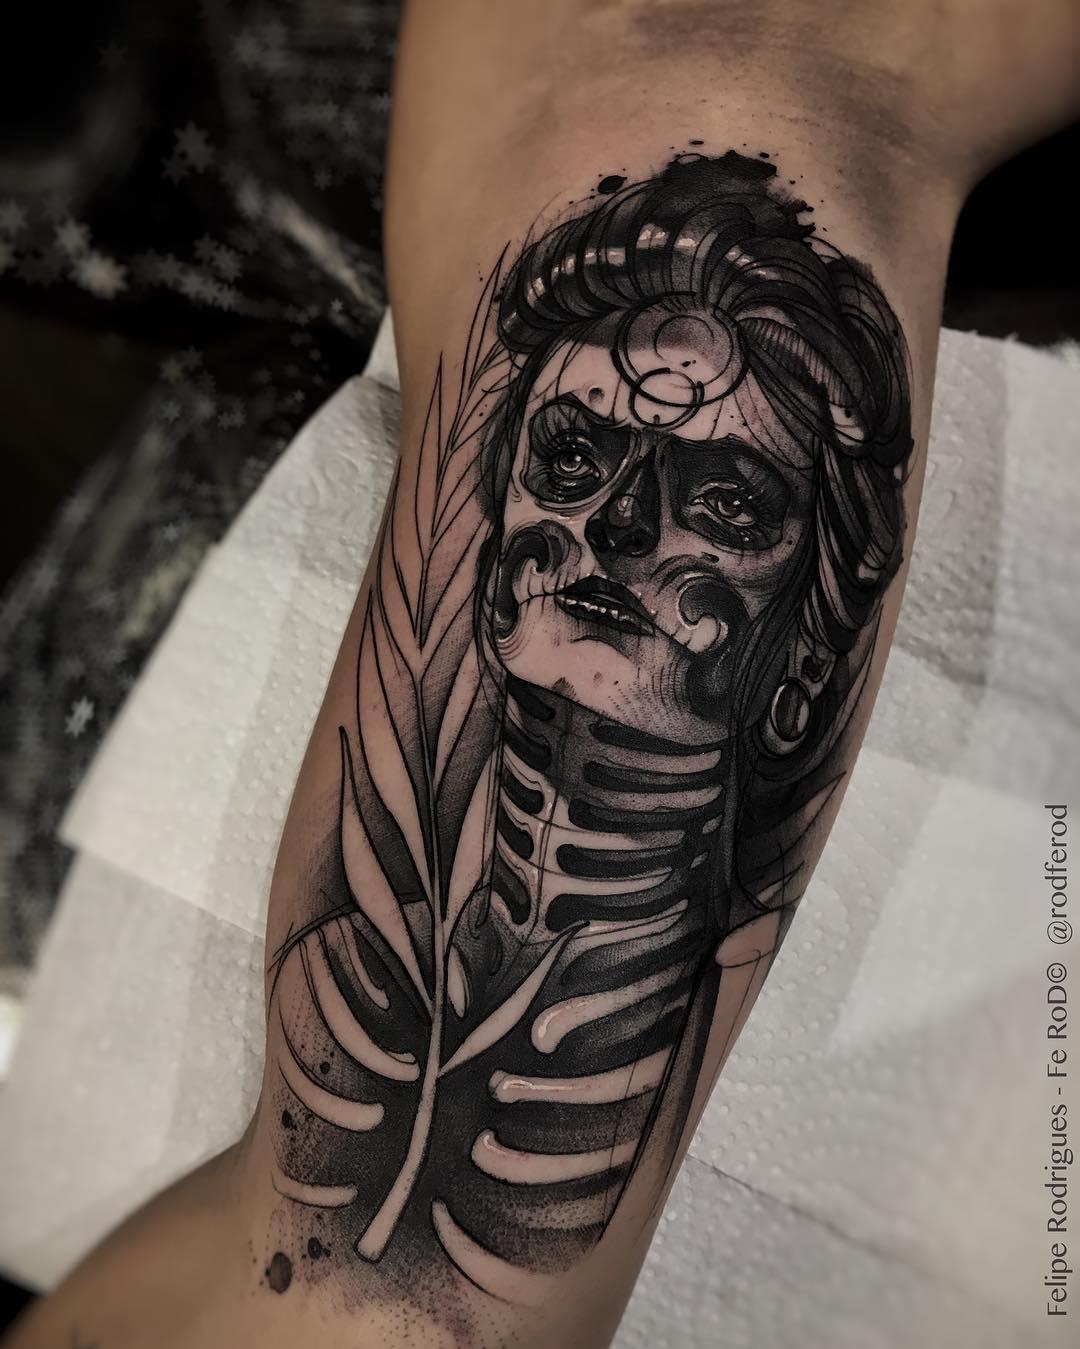 Galeria de Tatuajes del Artista Felipe Rodríguez